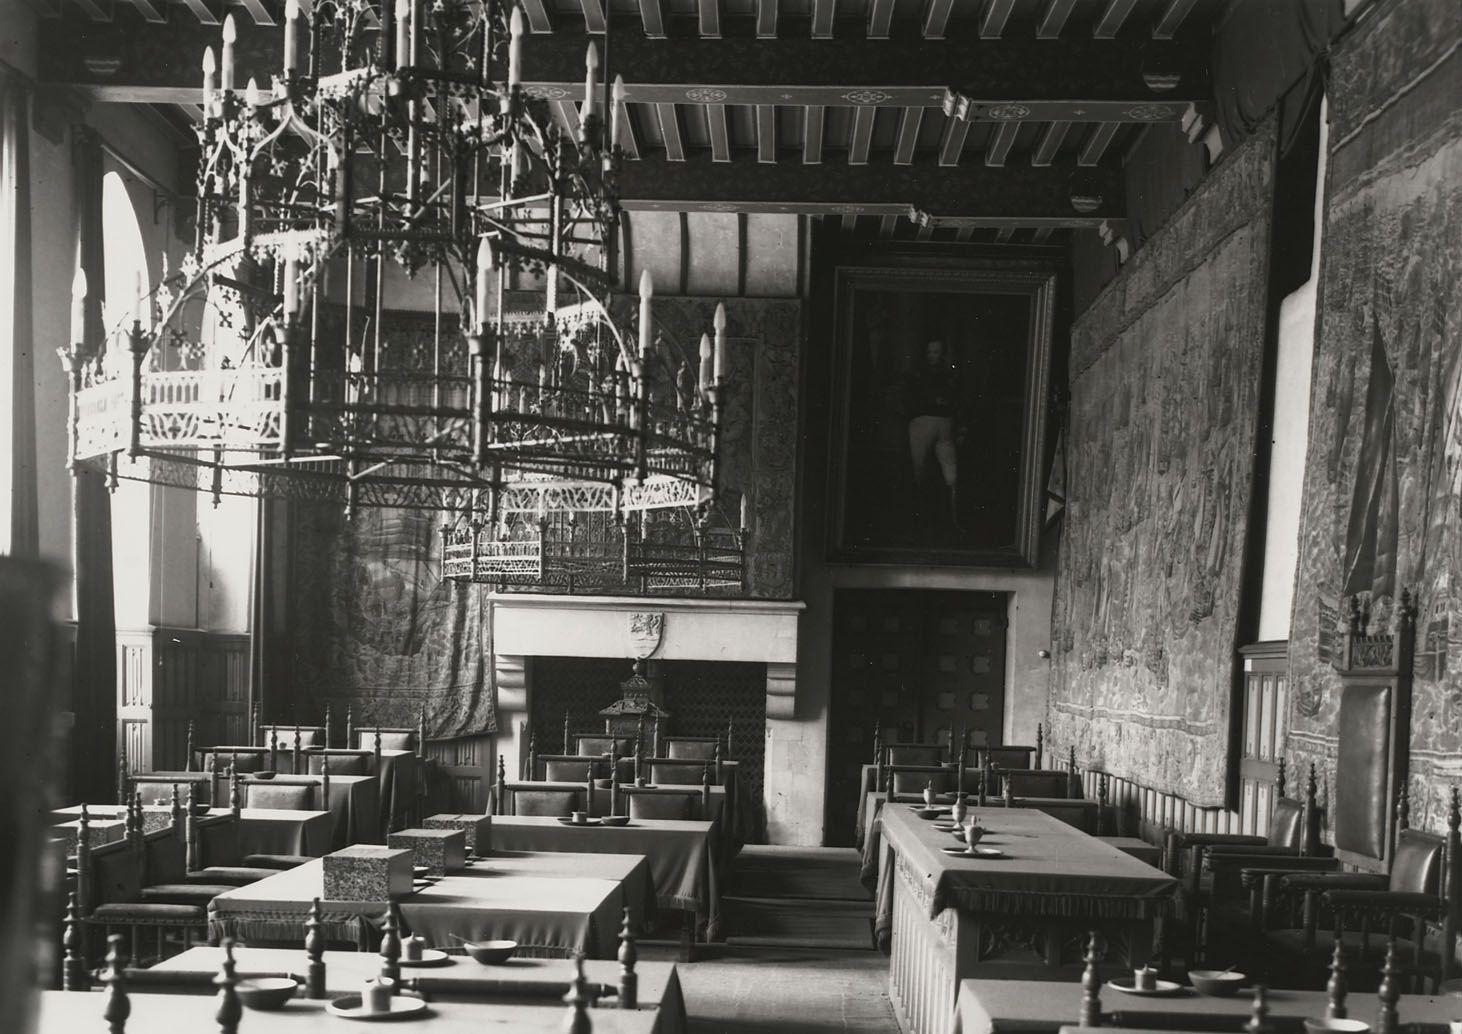 De Statenzaal omstreeks 1930. (Zeeuws Archief, Historisch-Topografische Atlas Middelburg)